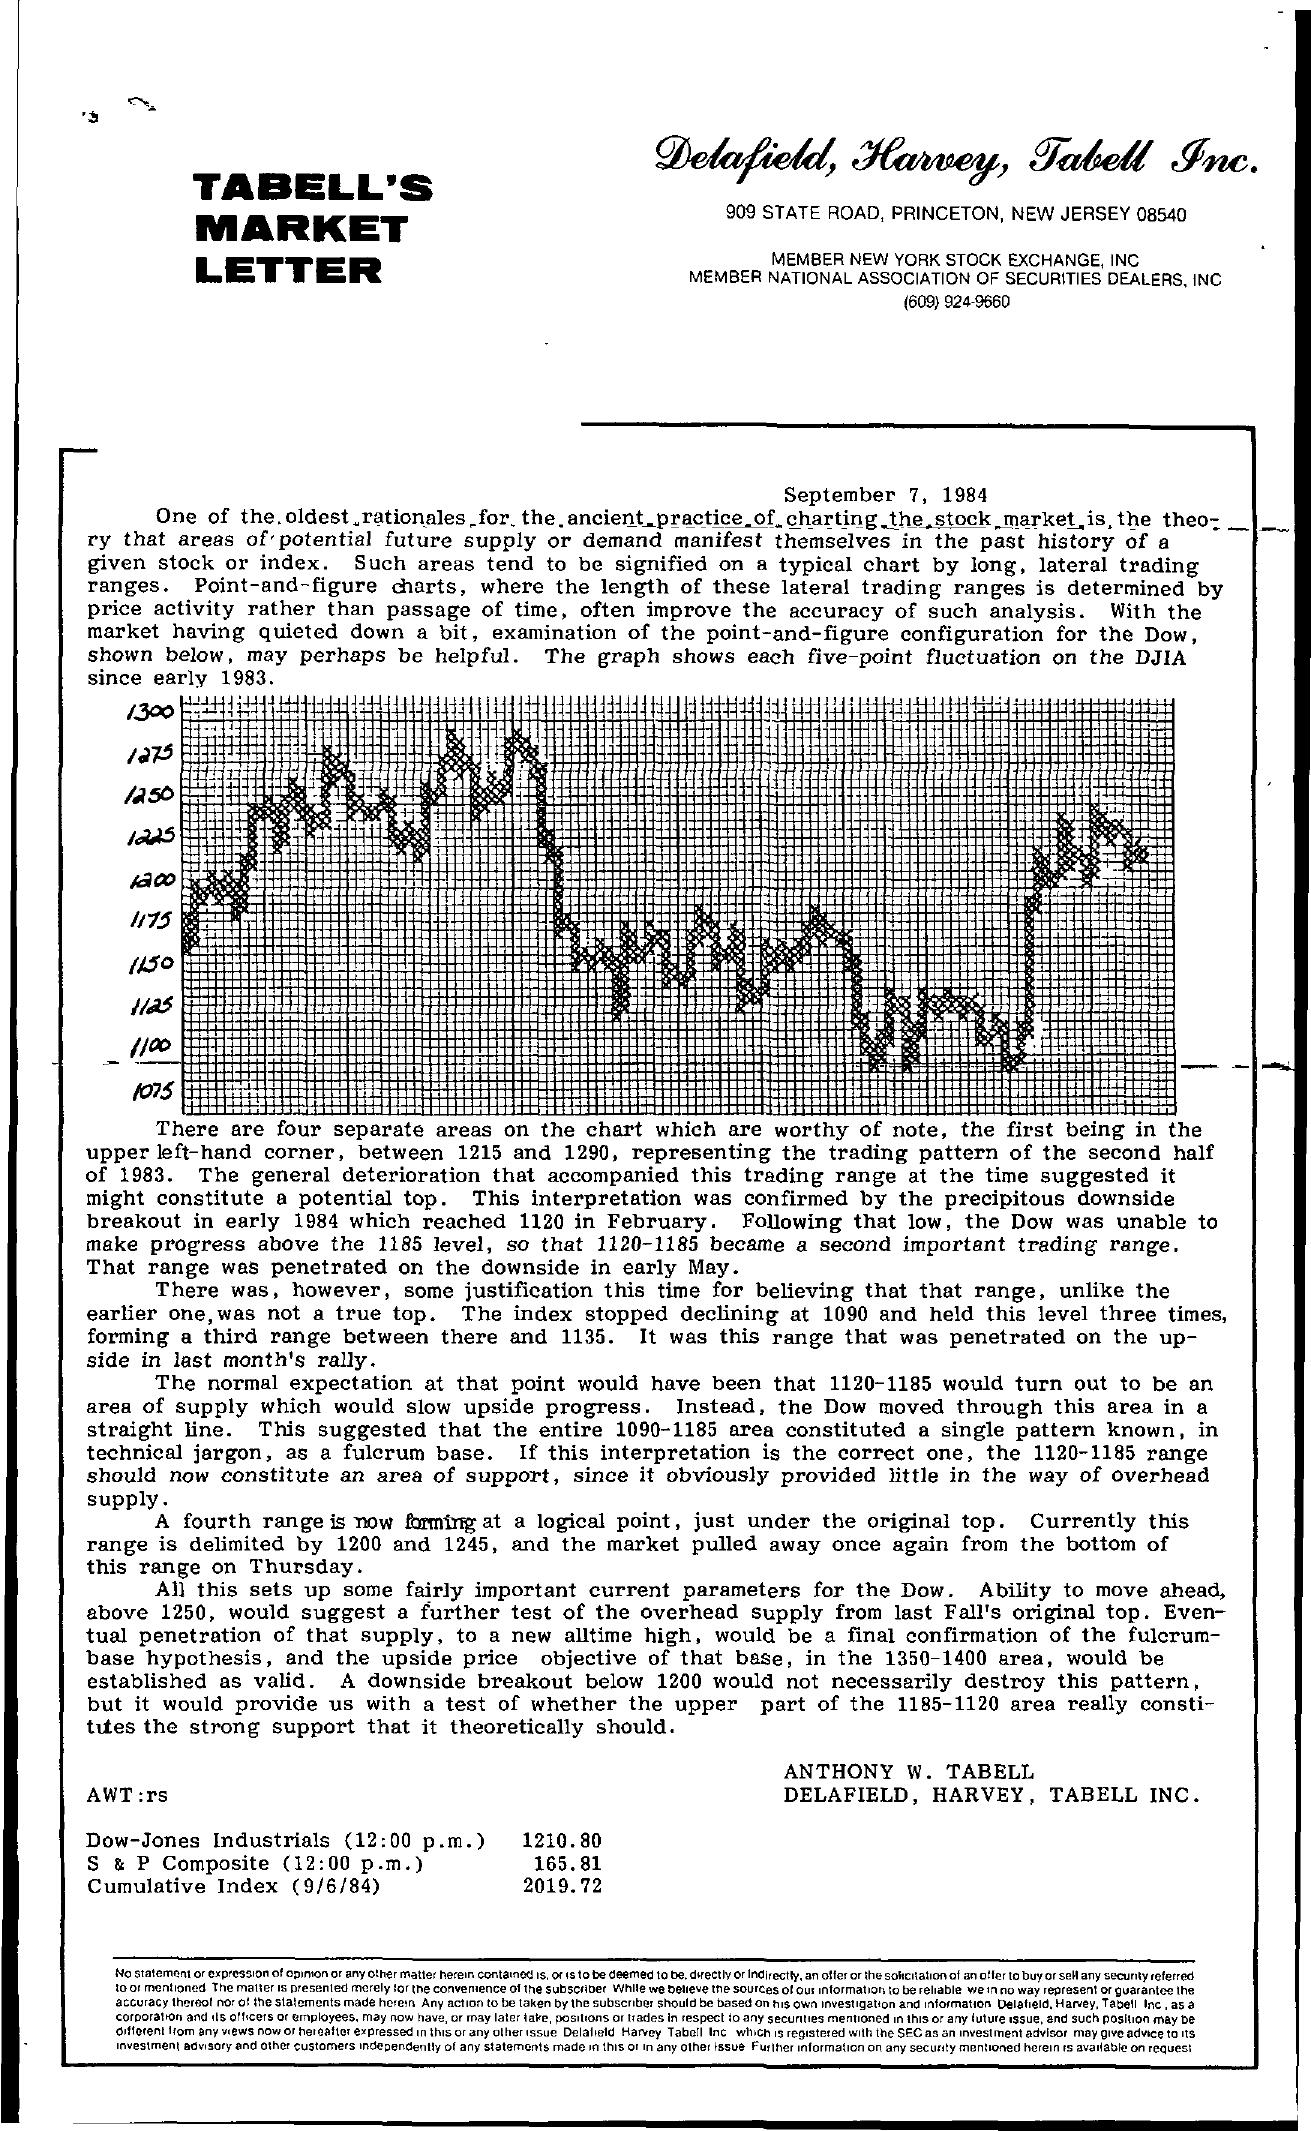 Tabell's Market Letter - September 07, 1984